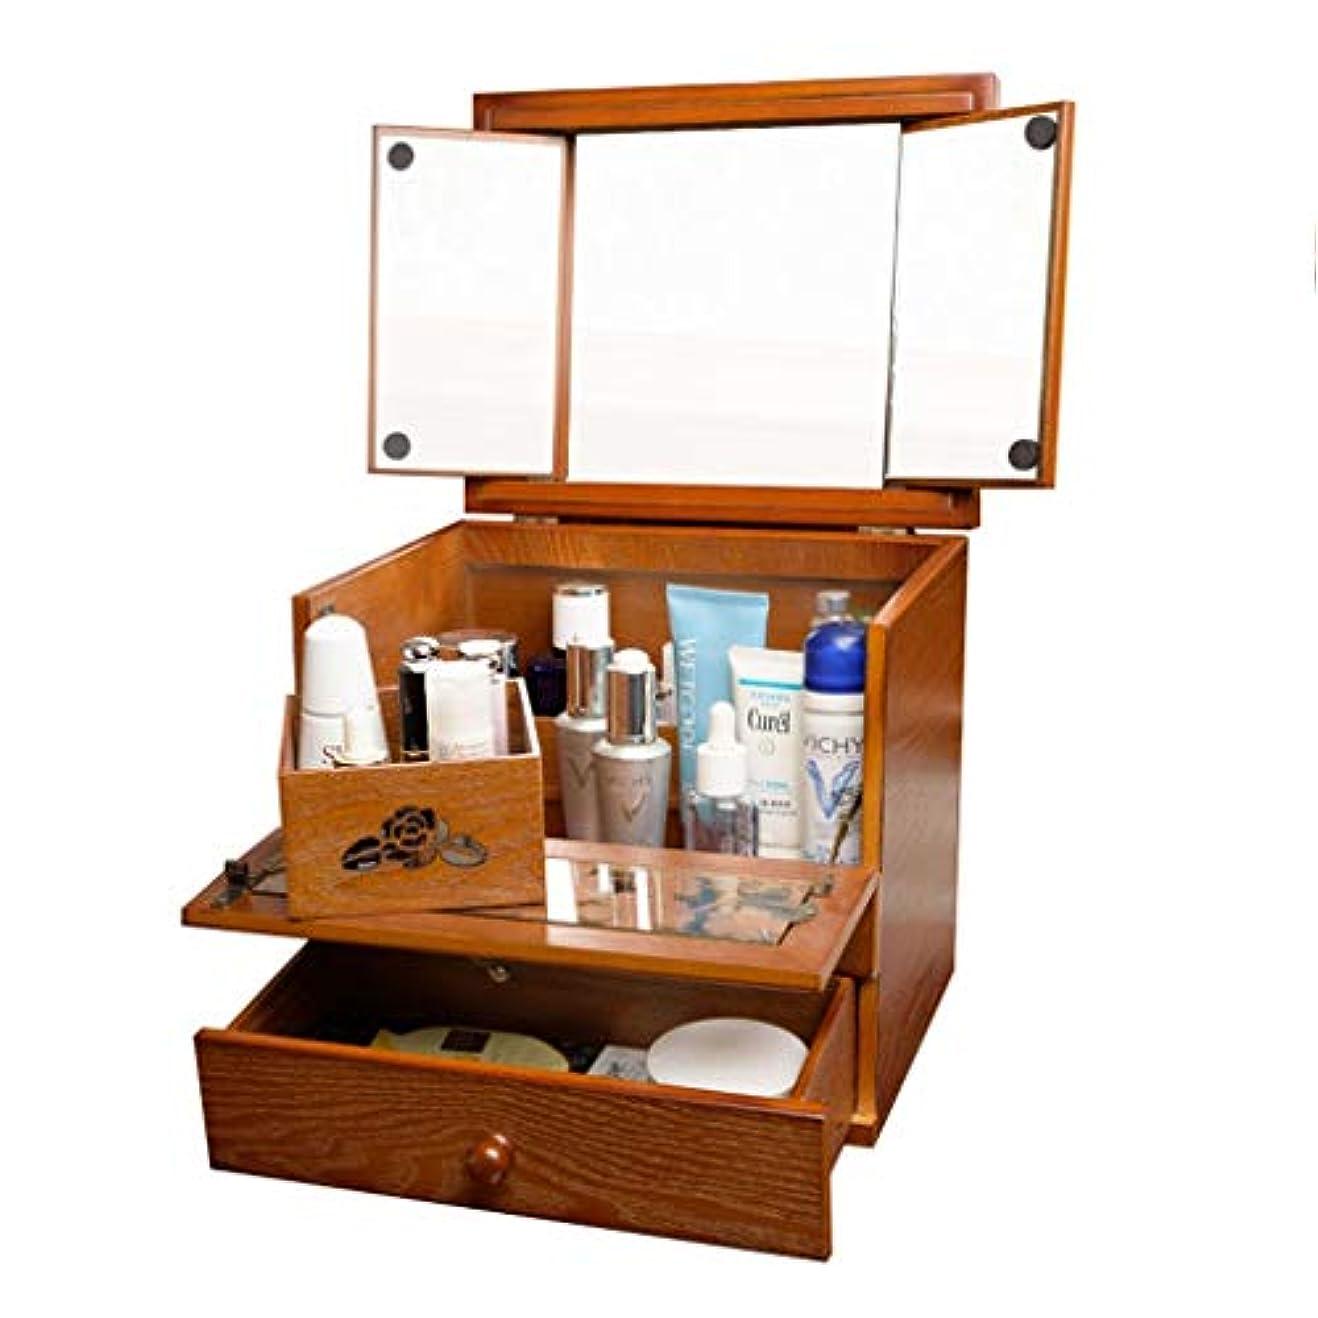 前奏曲火薬価値メイクボックス 家庭化粧品収納ボックス木製大容量化粧箱鏡付きの小さなドレッシングテーブル (Color : Brown, Size : 27.5x22.5x32.5cm)